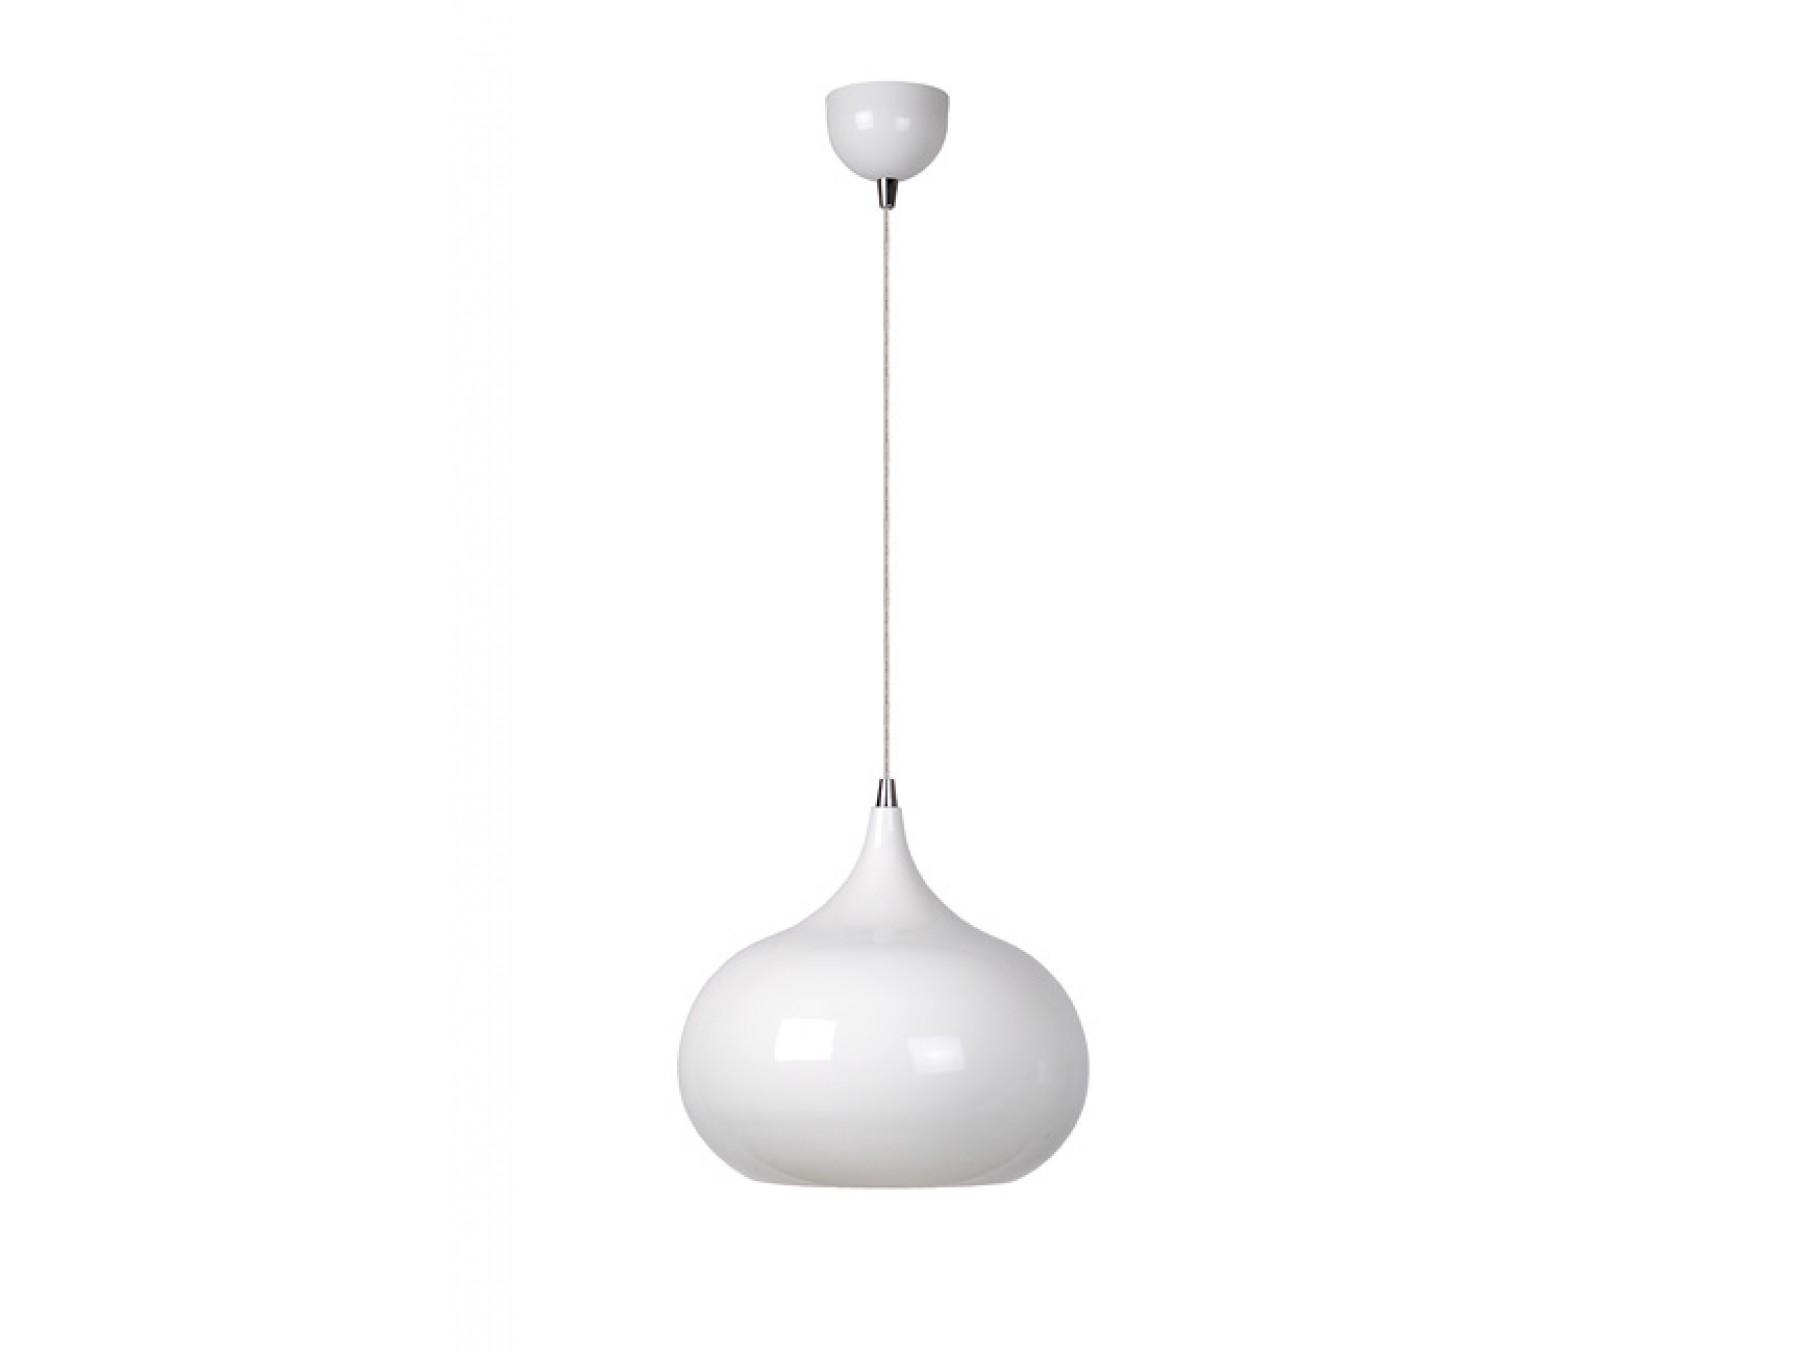 Подвесной светильник RIVAПодвесные светильники<br>основание: металл&amp;lt;div&amp;gt;плафон: металл/белый&amp;amp;nbsp;&amp;lt;/div&amp;gt;&amp;lt;div&amp;gt;диаметр: 33 см&amp;lt;/div&amp;gt;&amp;lt;div&amp;gt;высота: 180 см&amp;amp;nbsp;&amp;lt;/div&amp;gt;&amp;lt;div&amp;gt;Е27, 60W, 1 лампочка (в комплект не входит)<br>&amp;lt;/div&amp;gt;<br><br>Material: Металл<br>Height см: 180<br>Diameter см: 33